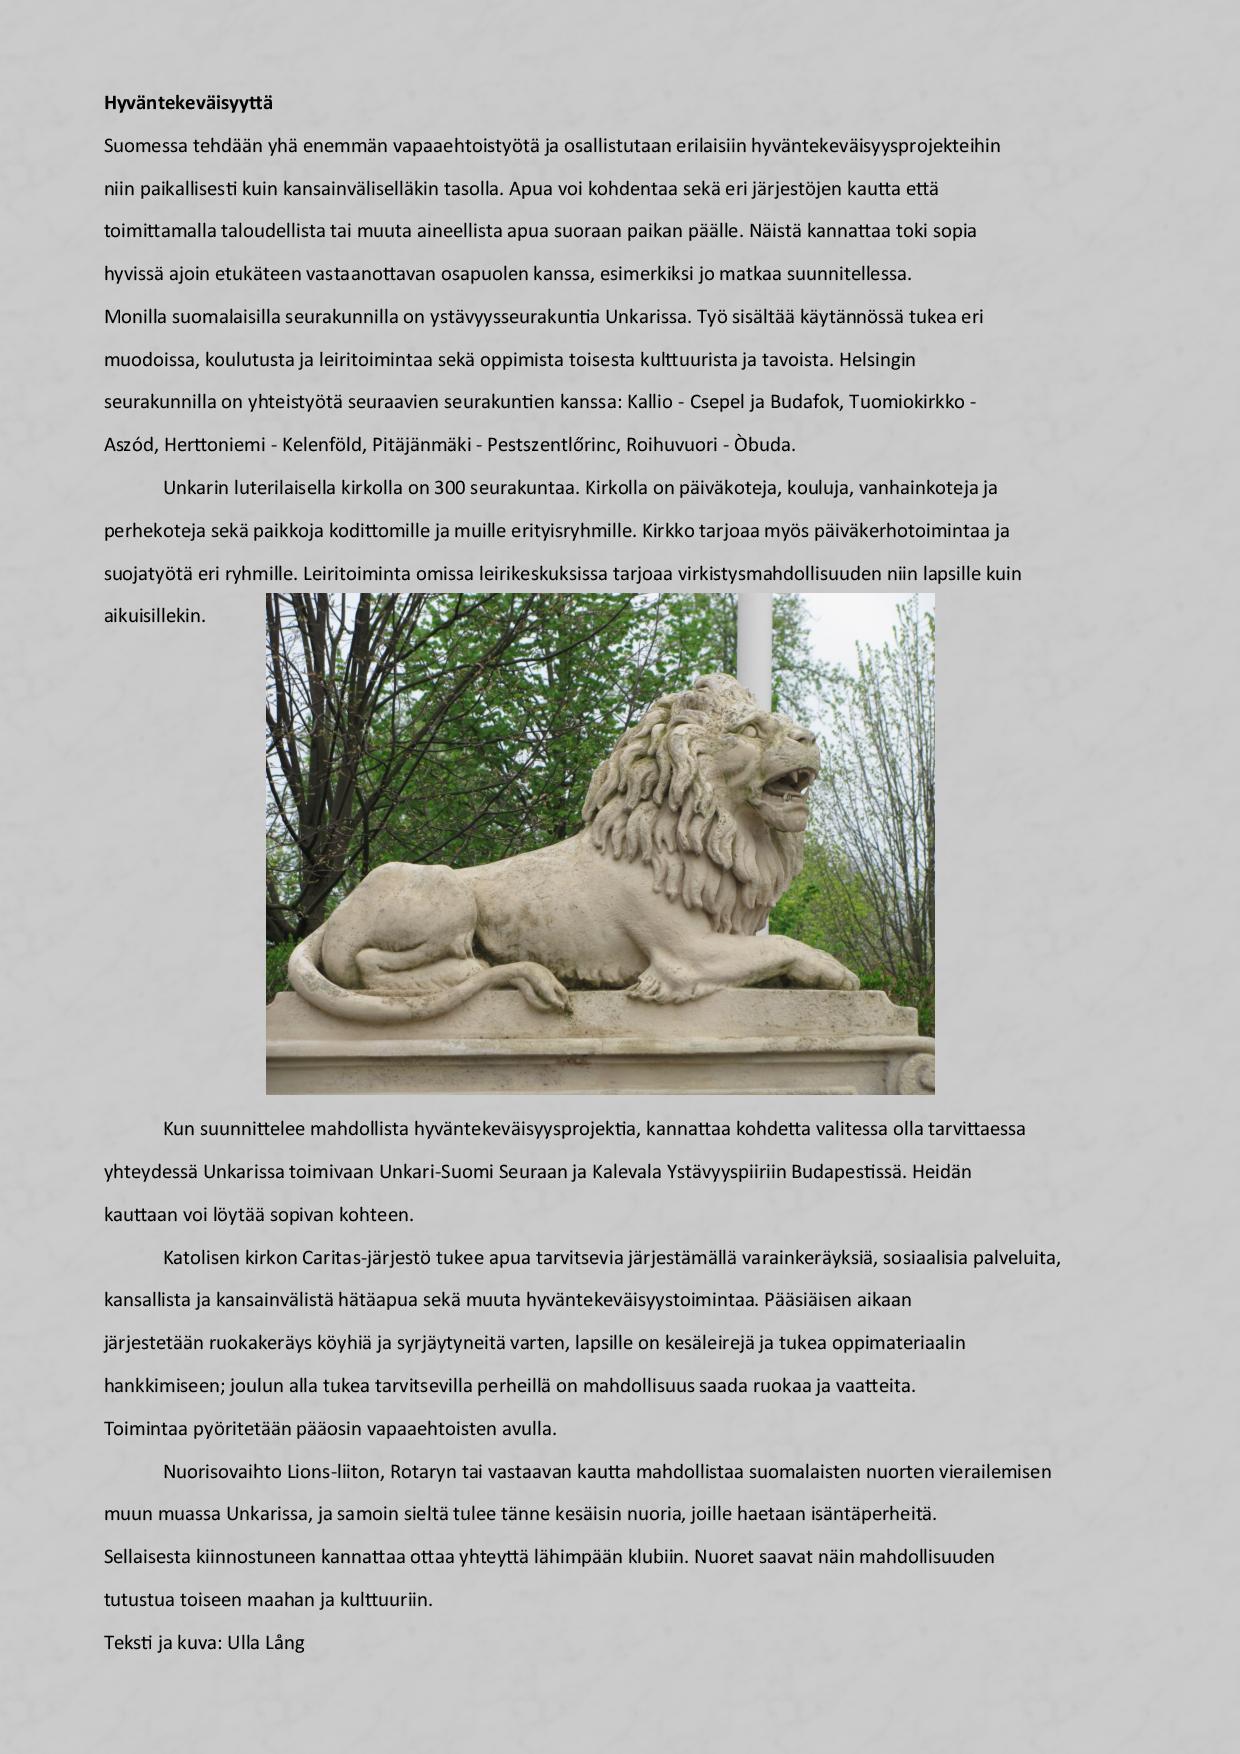 sus-hki-tiedote-2-2019_valmis-versio1-page-002